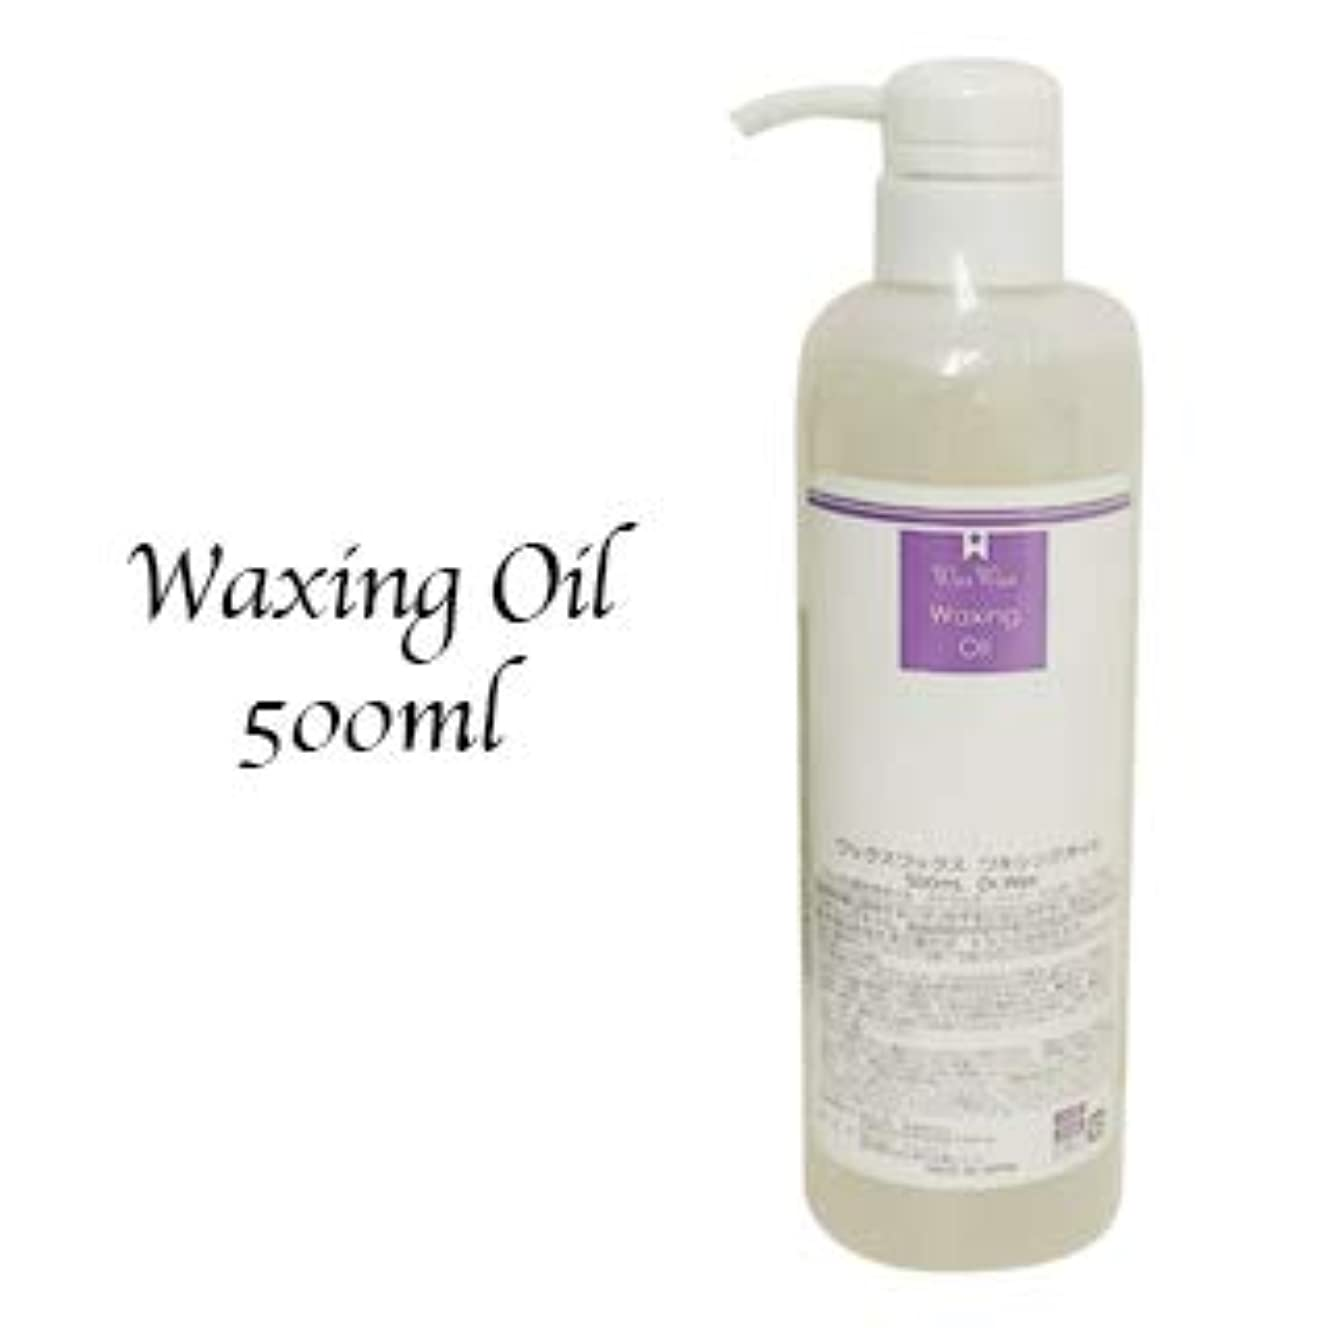 模索パテ成人期WaxWax ワキシングオイル500ml Dr.Wax